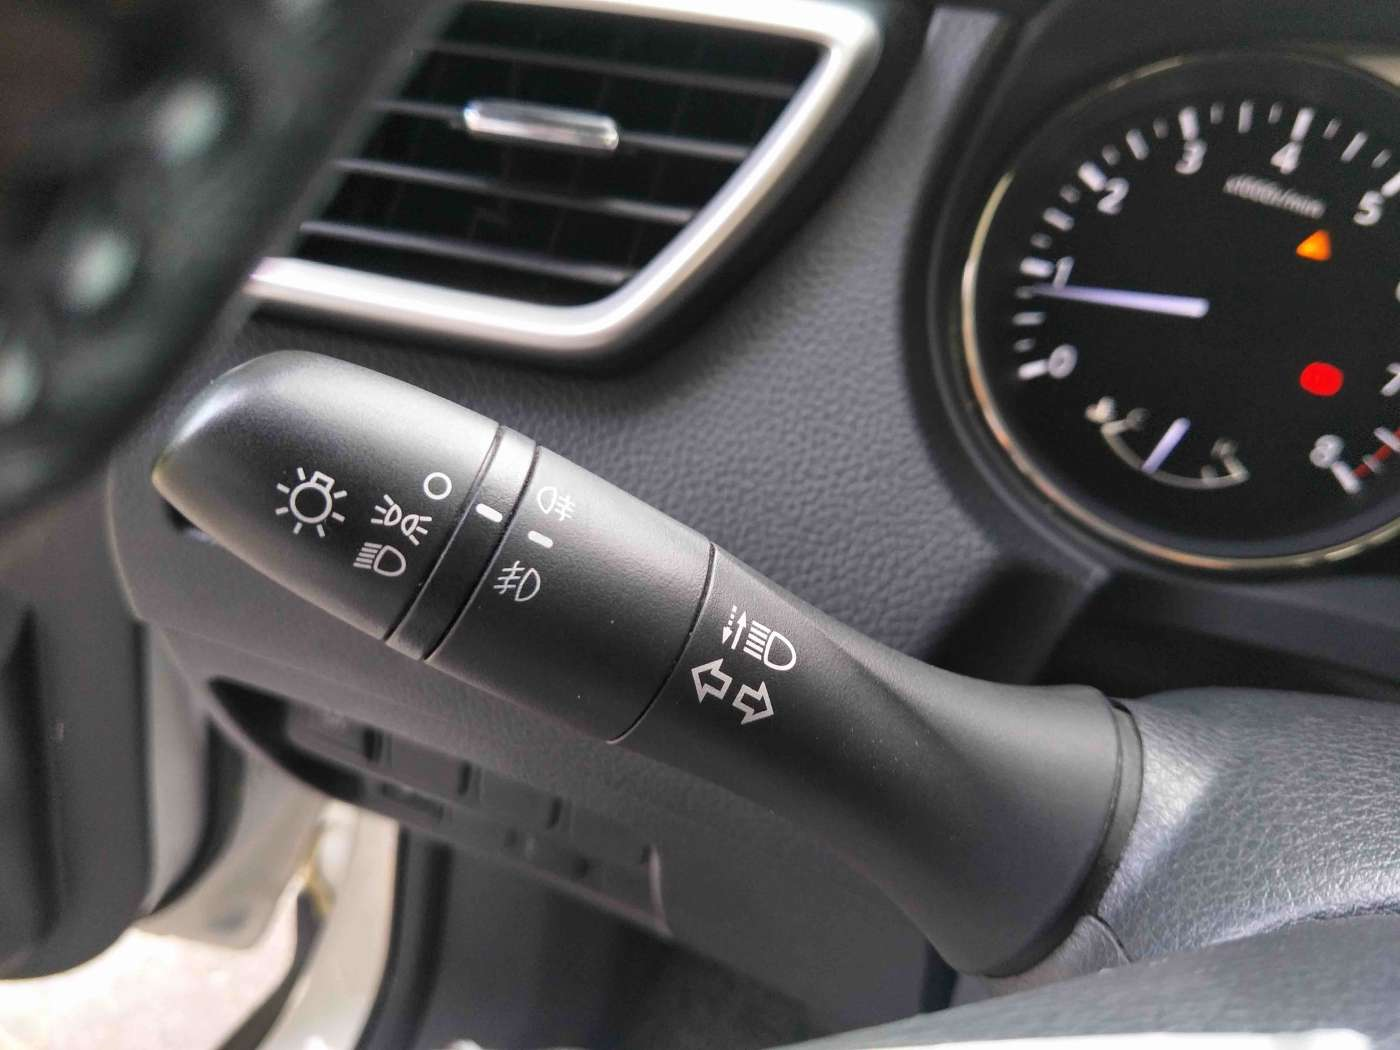 2016年08月 日产 奇骏 2014款 2.5L CVT领先版 4WD|甄选易手日产-北京卡斯基汽车服务有限公司